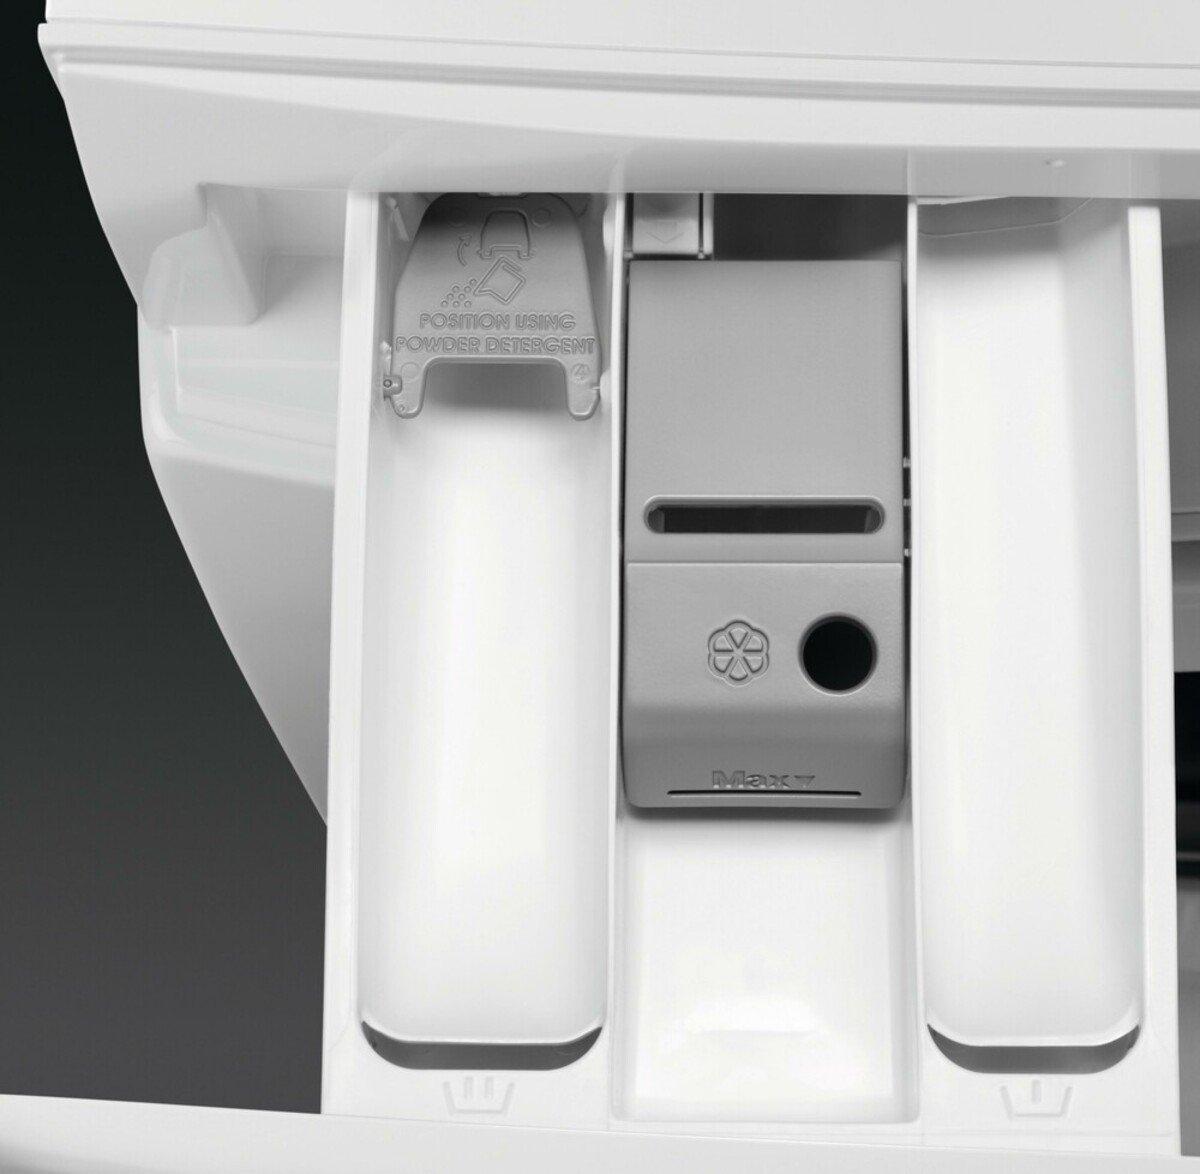 Bild 4 von AEG LAVAMAT L6FBA5680 Waschmaschine (Frontlader, freistehend, 8 kg, D, 1.600 U/Min, Serie 6000, Mengenautomatik, Nachlegefunktion)